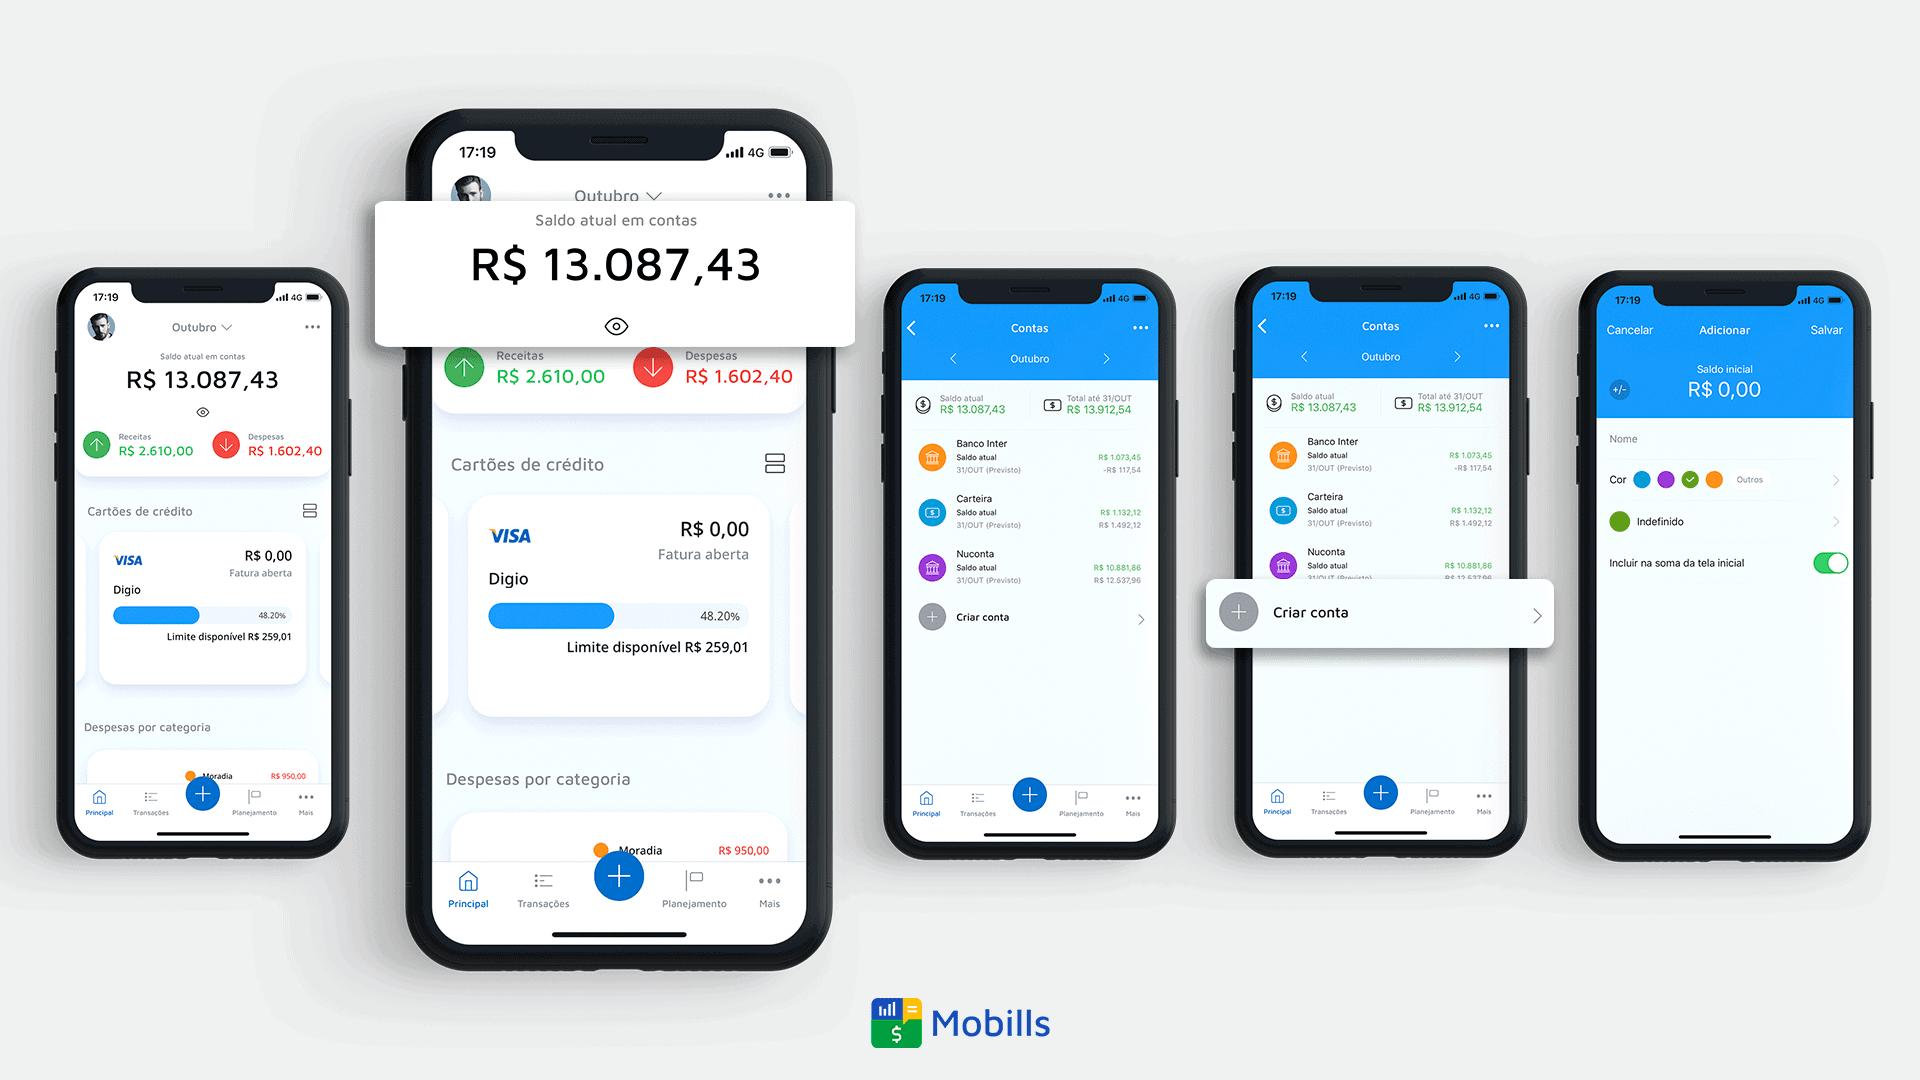 Tela do Mobills mostrando o controle e análise de contas